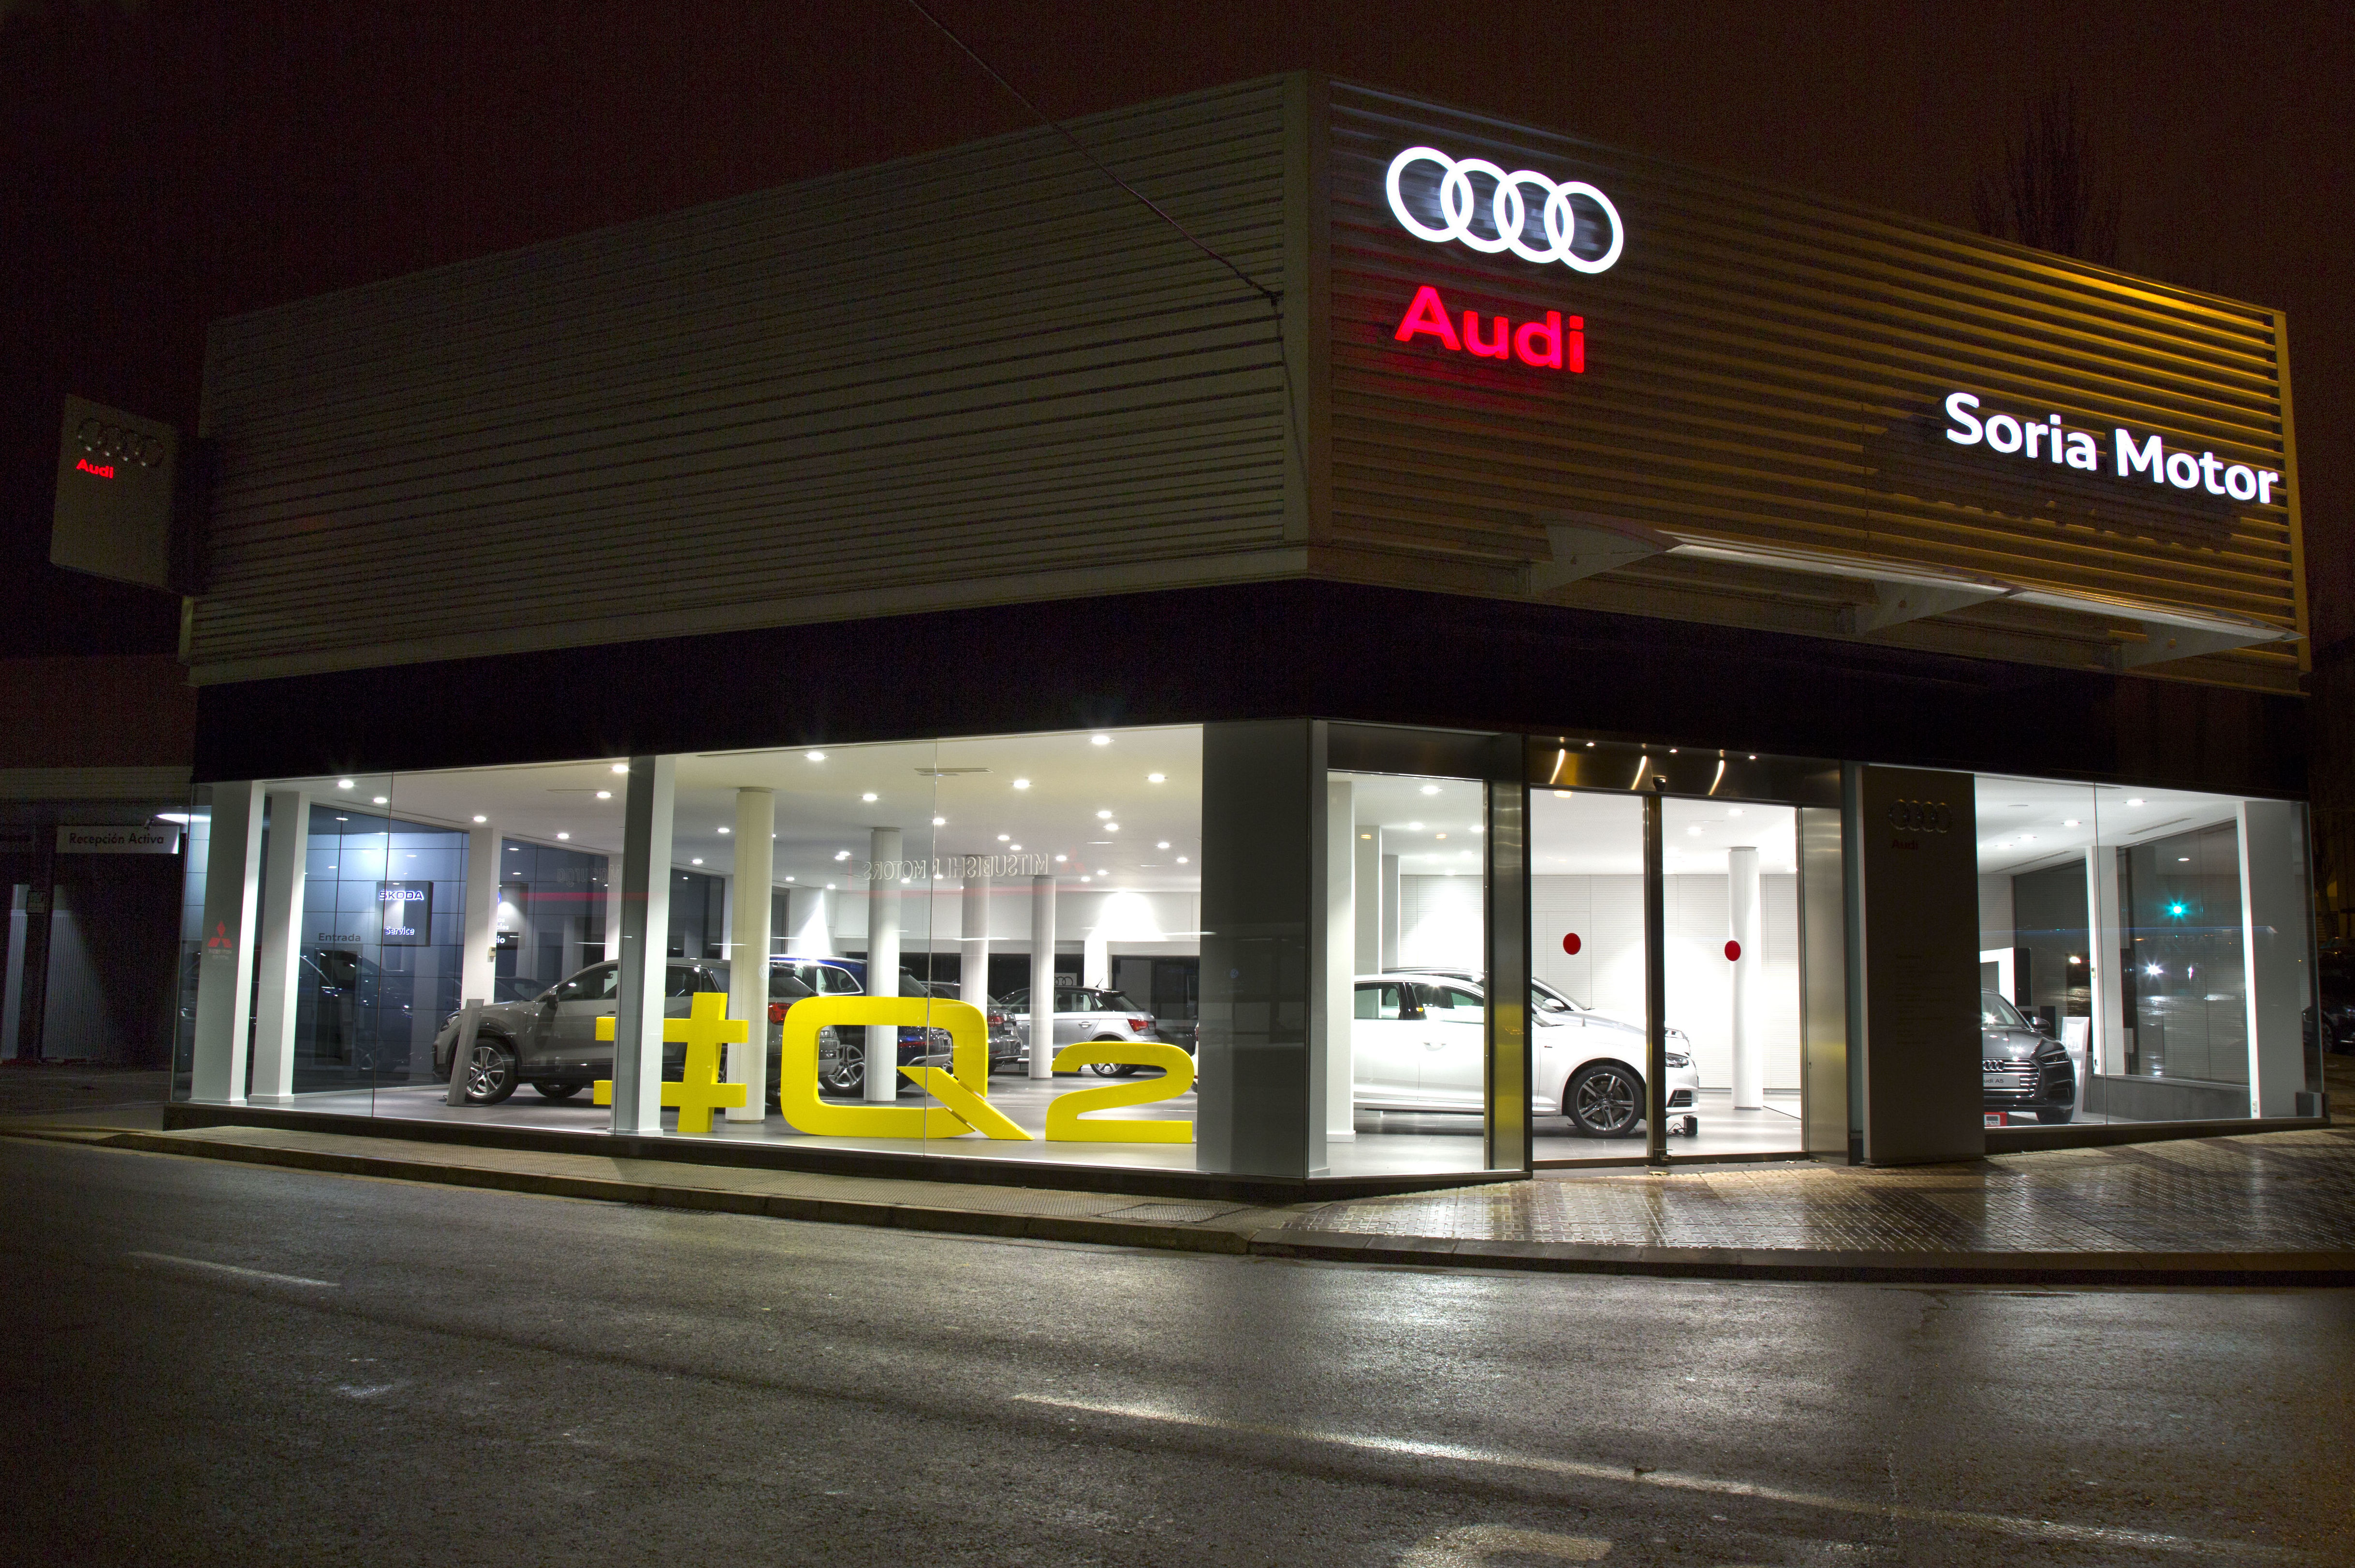 Foto 3 de Concecionario de coches con más de 30 años de experiencia en Soria | Soria Motor